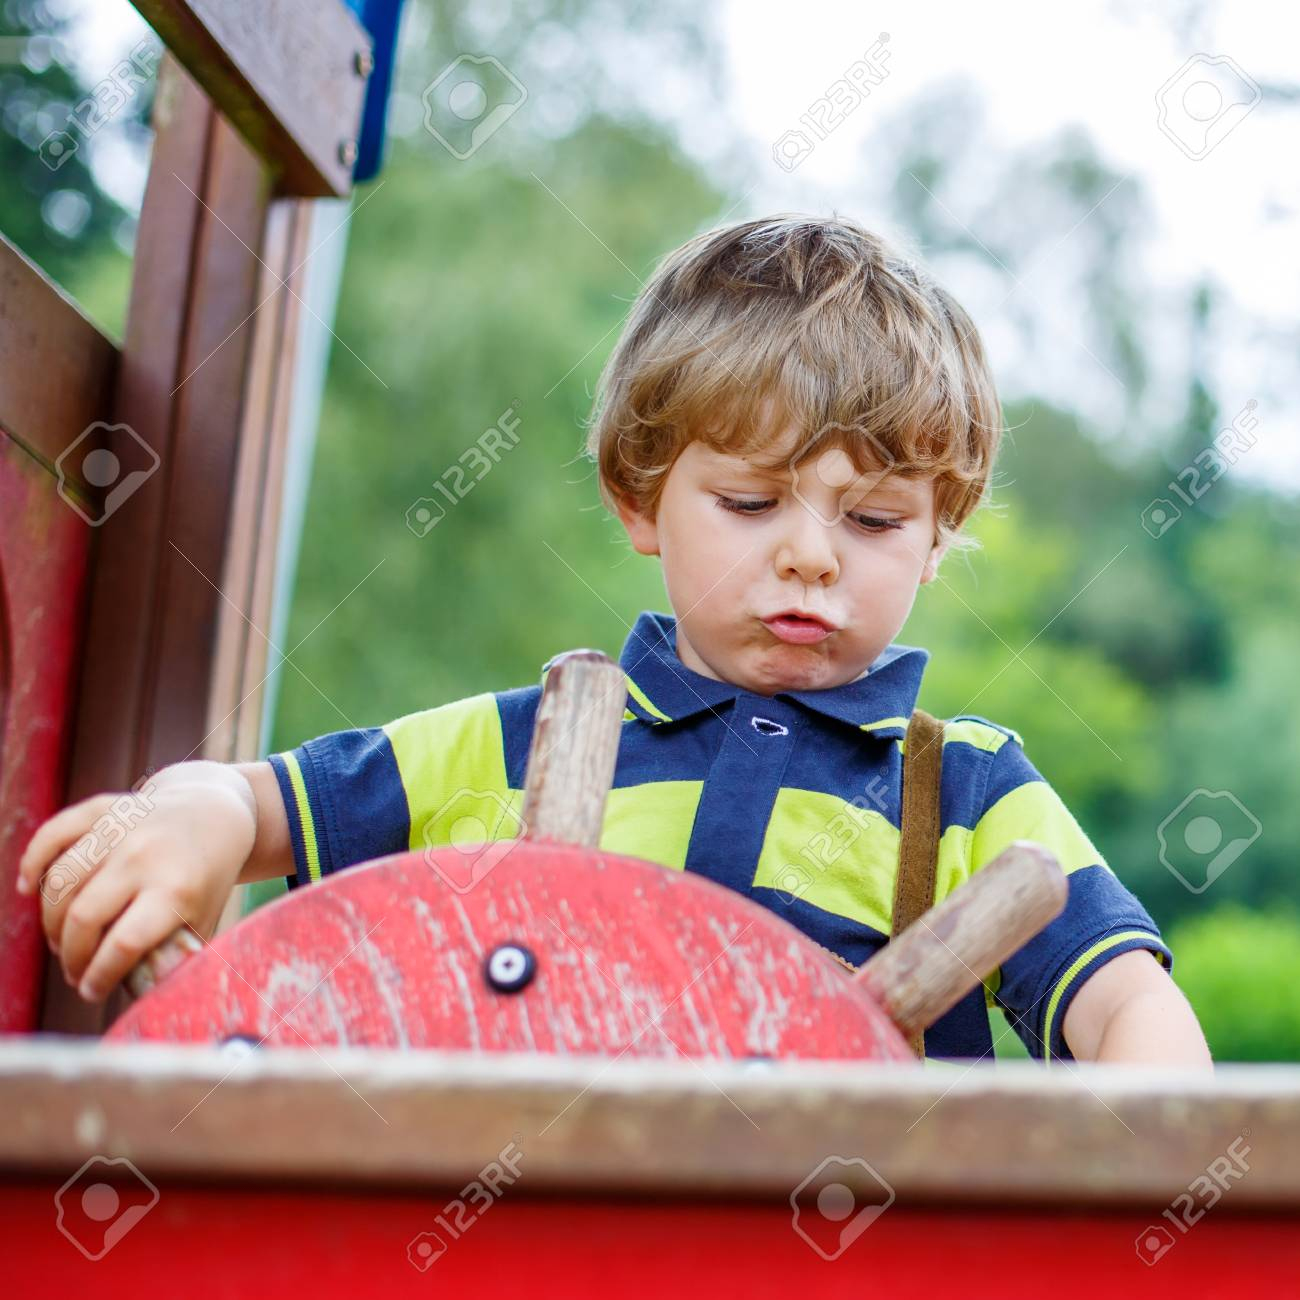 Garçon Drôle Fait Semblant De Conduire Une Voiture Imaginaire Sur L'aire De  Jeux Pour Enfants, À L'extérieur. Le Jour D'été Chaud. dedans Les Jeux Des Garçons De Voiture